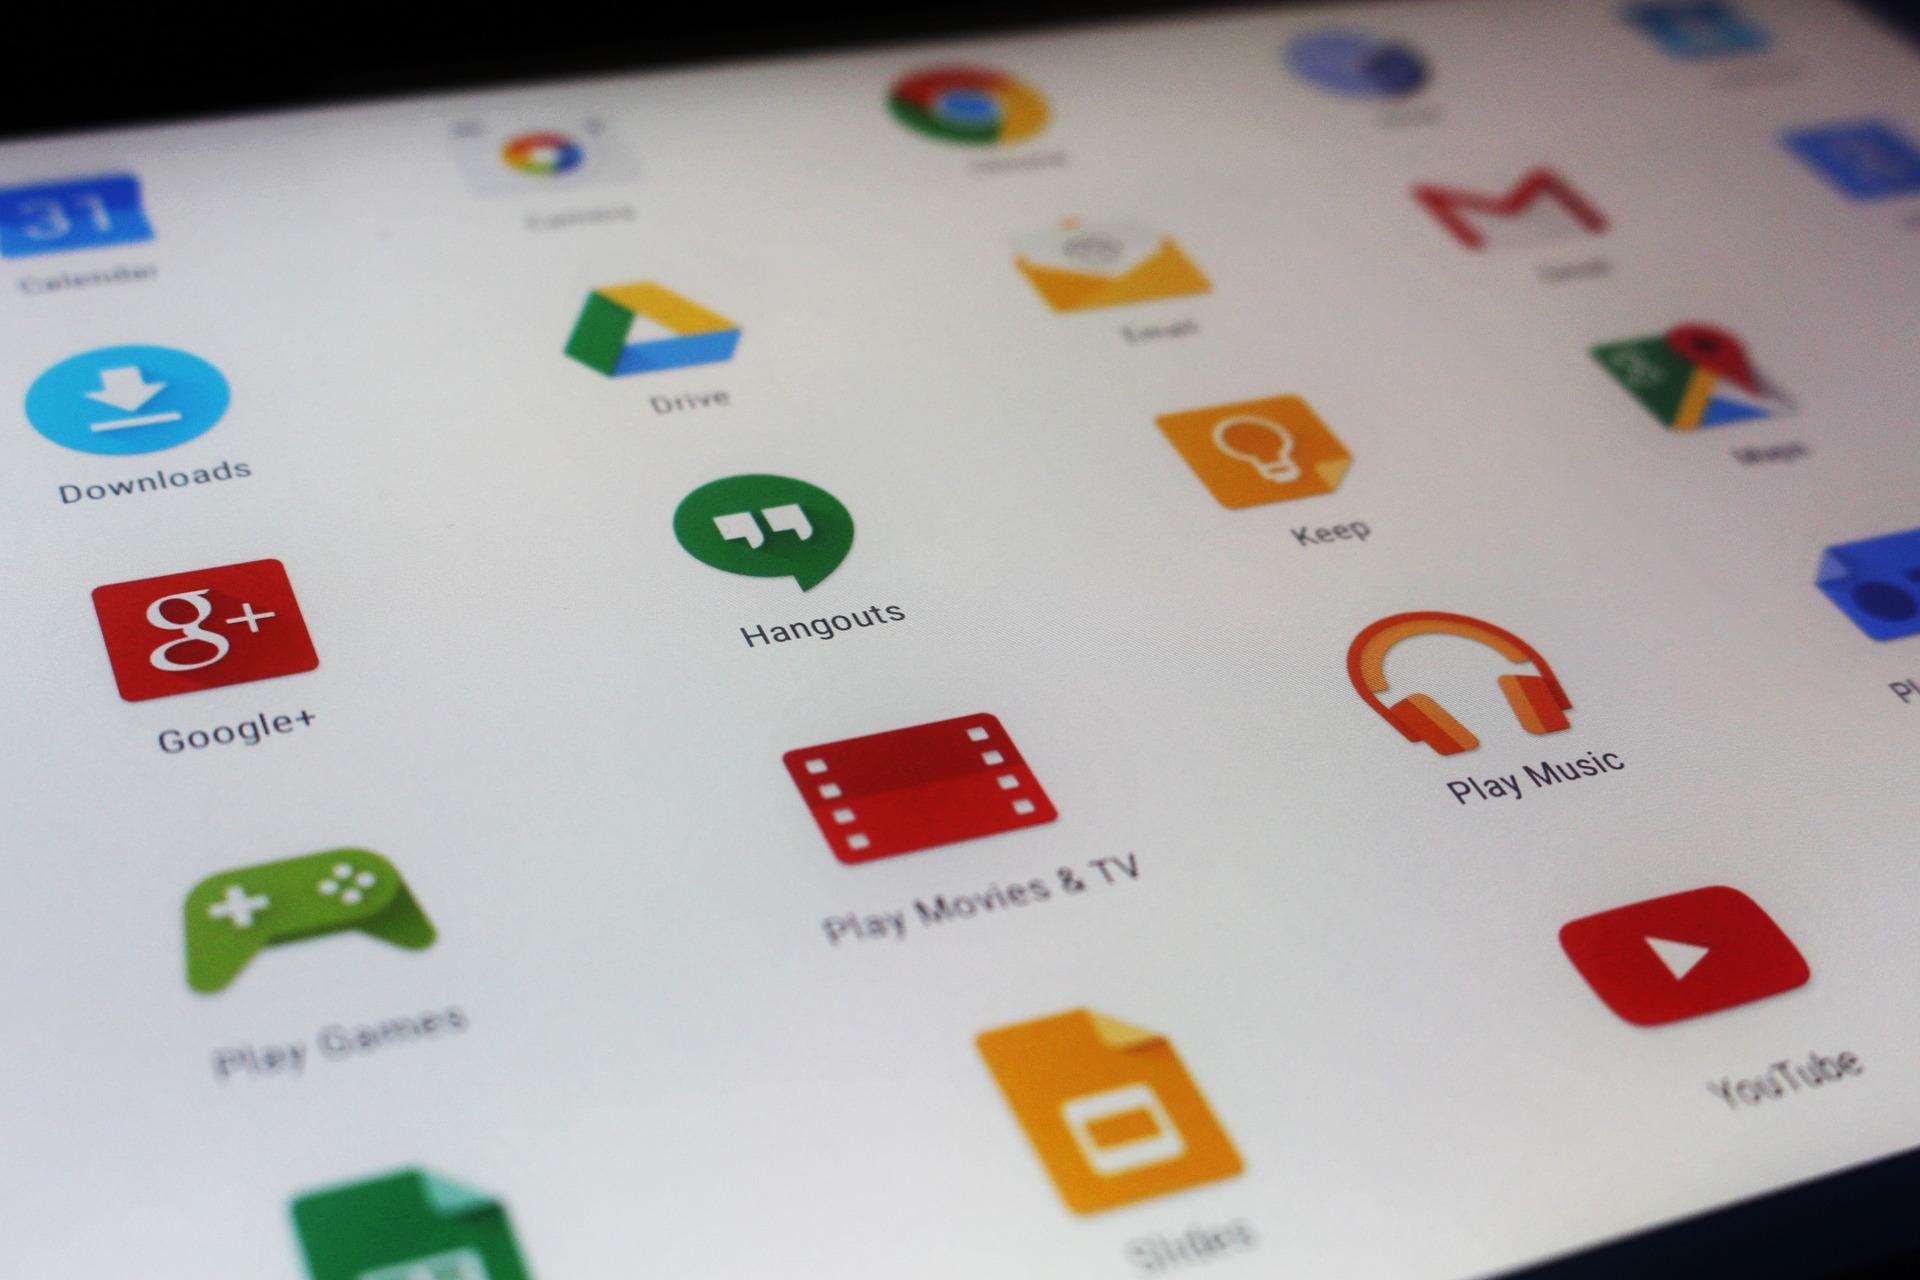 Android : Google ne veut plus de publicité sur l'écran de verrouillage